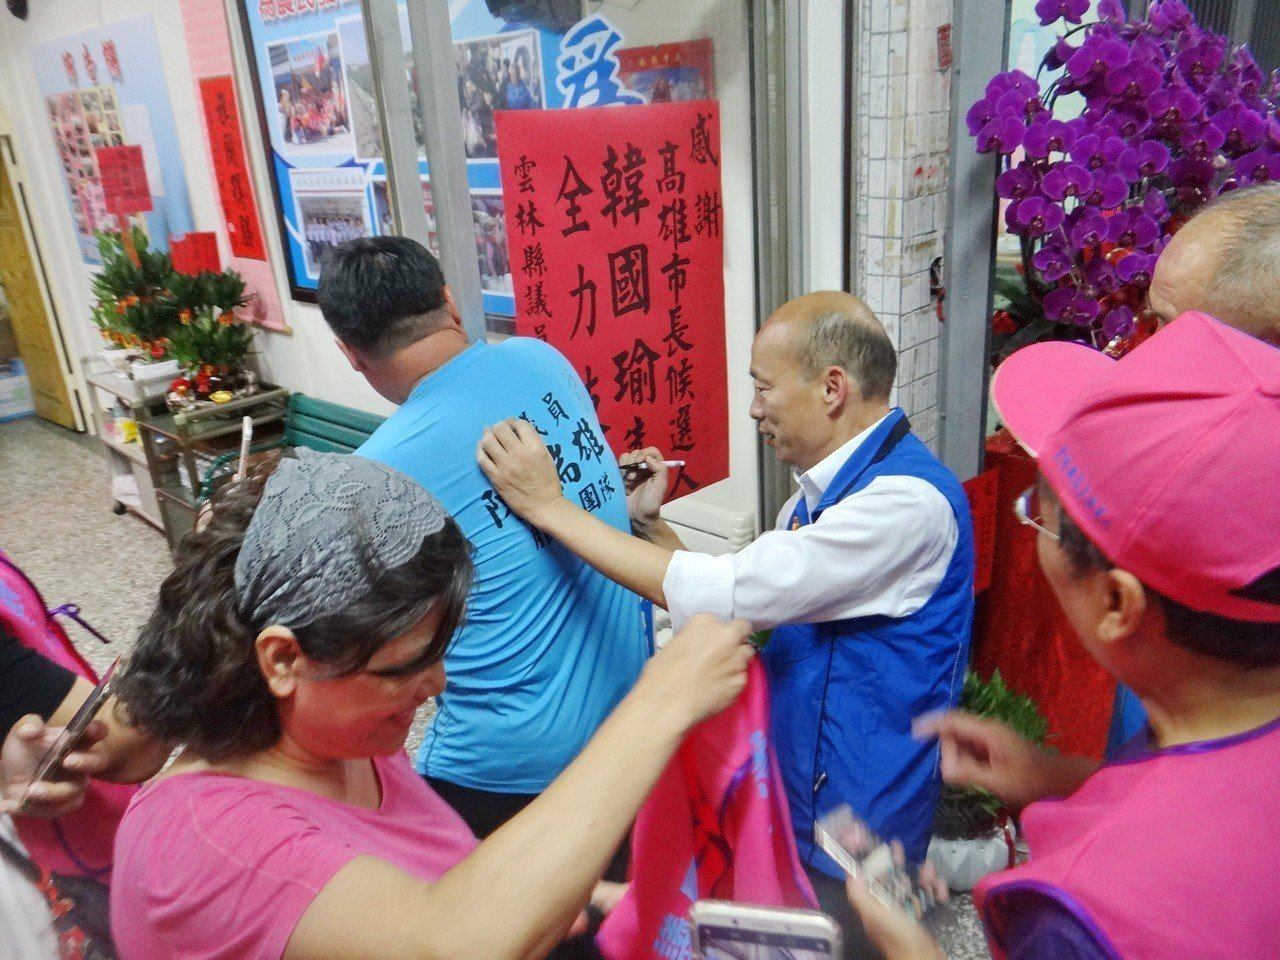 韓國瑜回雲林超人氣,民眾爭相簽名合照。記者蔡維斌/攝影